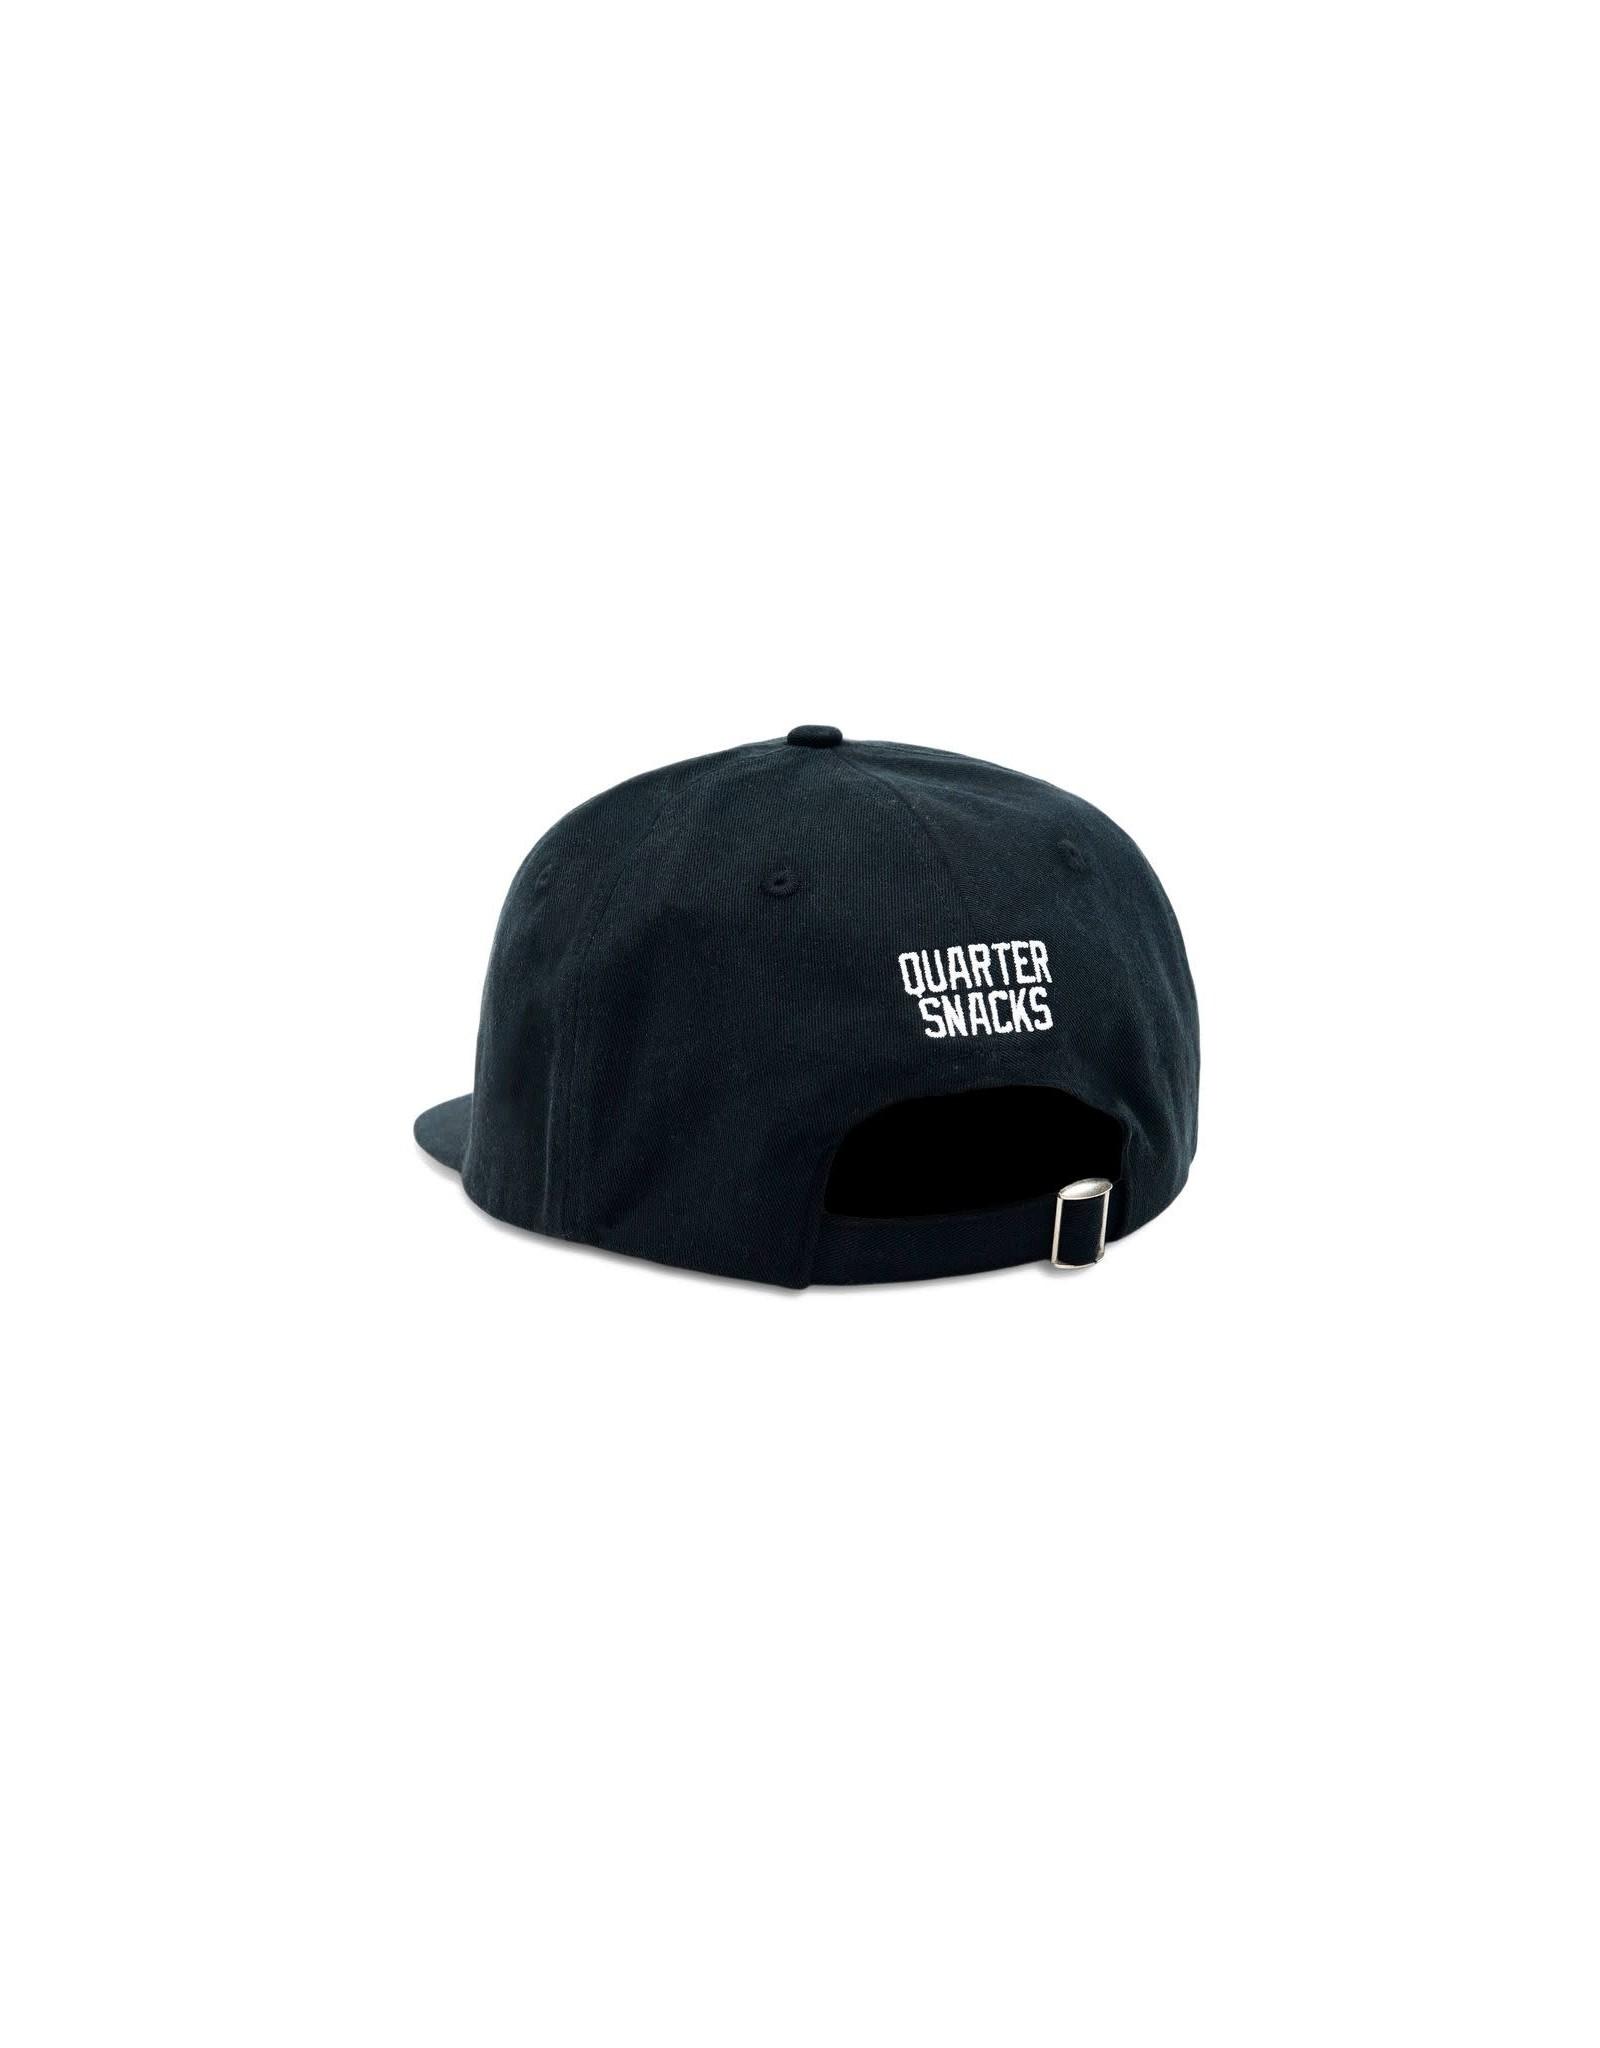 QuarterSnacks 40 Year Old Cap - Black